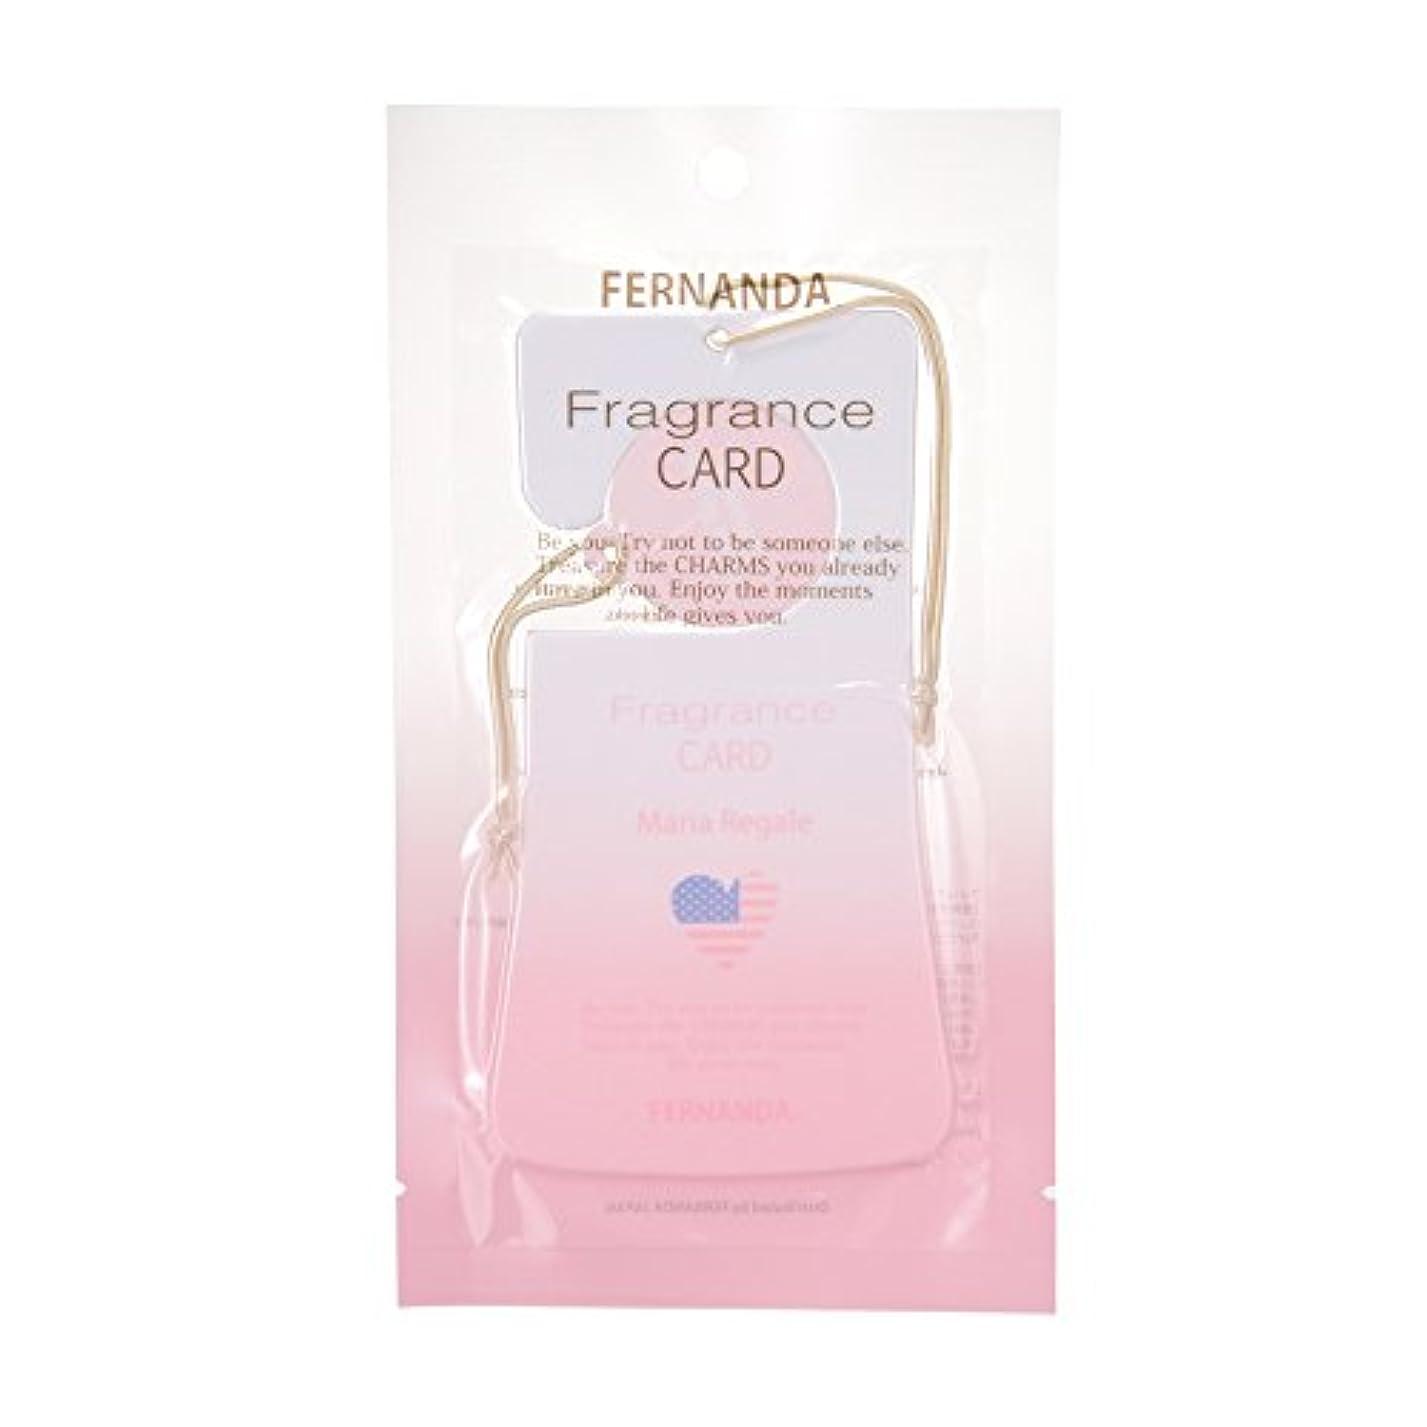 リビングルーム小さいつかまえるFERNANDA(フェルナンダ) Fragrance Card Maria Regale (フレグランスカード マリアリゲル)